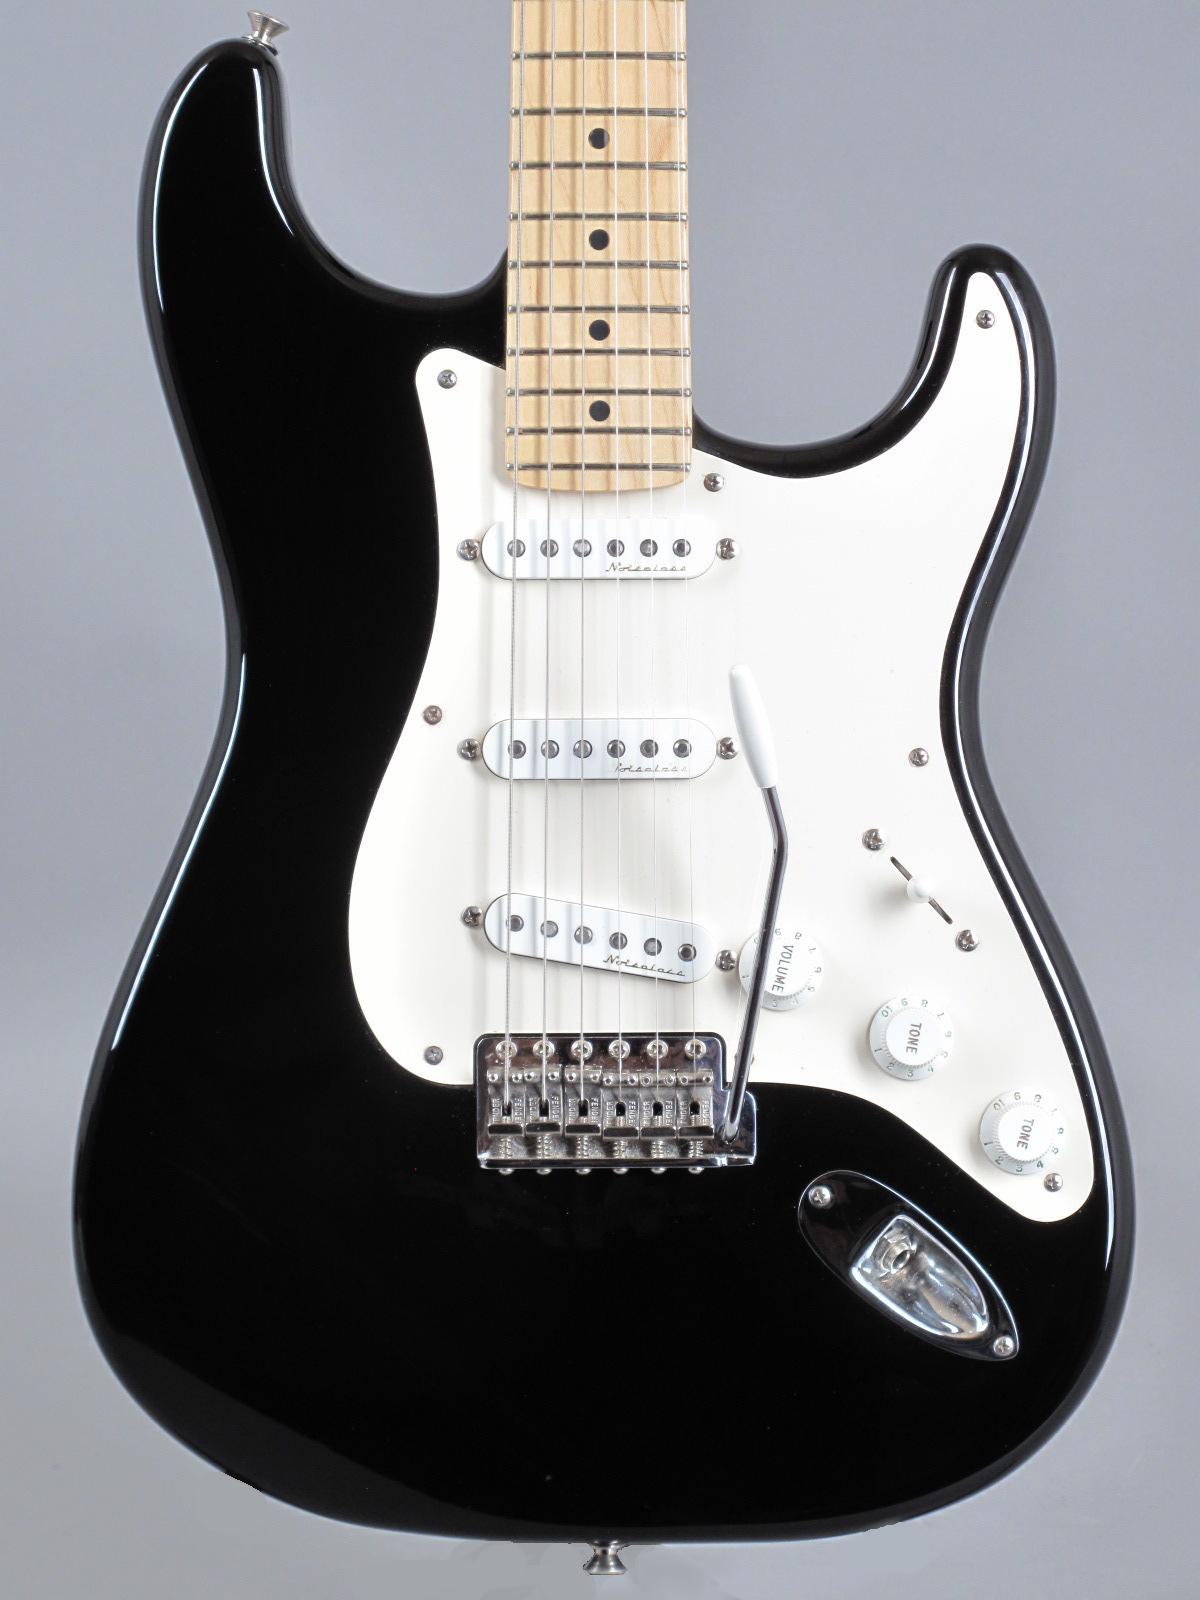 2005 Fender Eric Clapton Stratocaster - Black